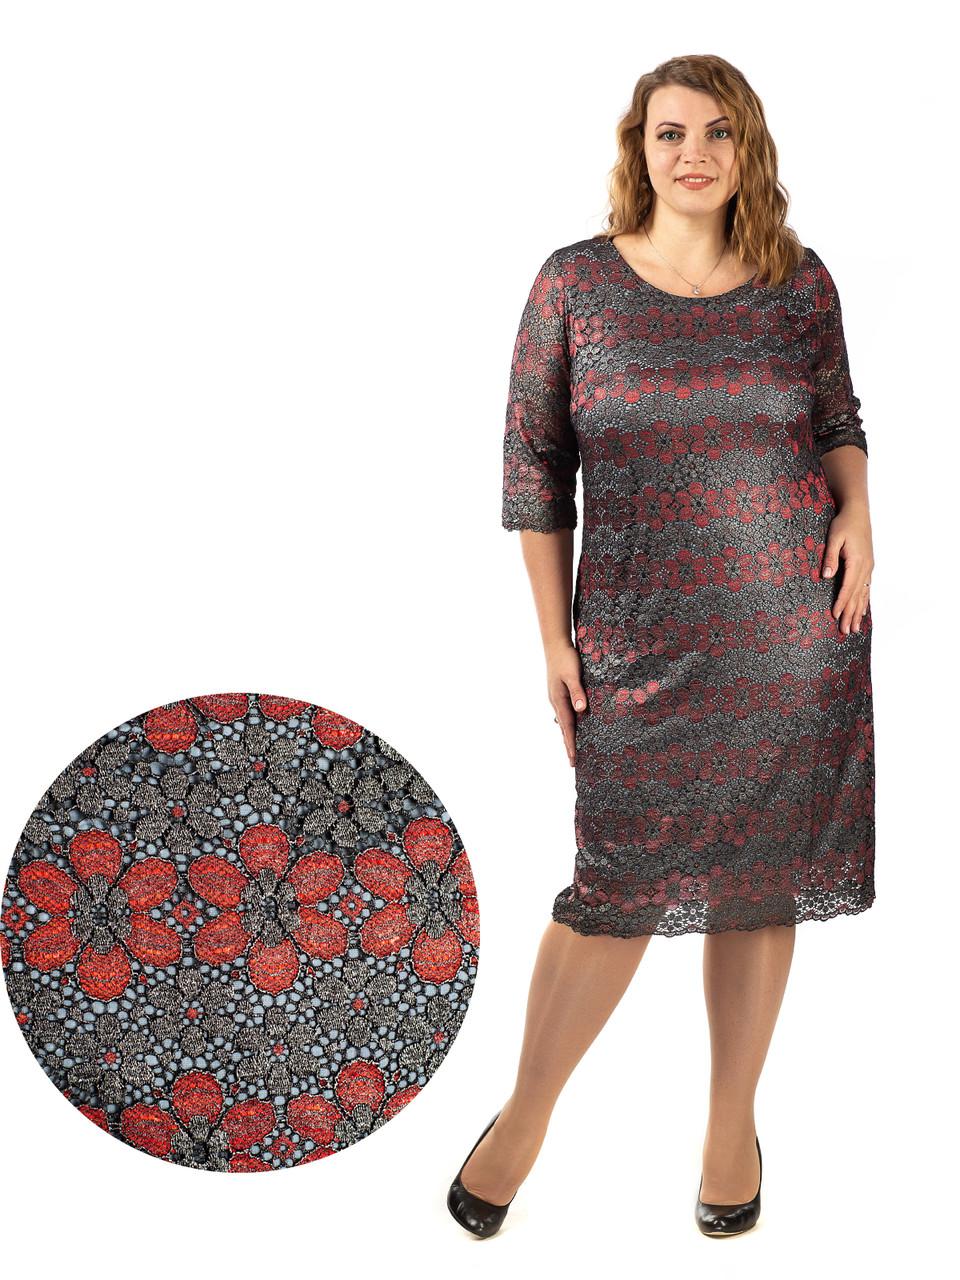 Платье Selta 766 размеры 50, 52, 54, 56